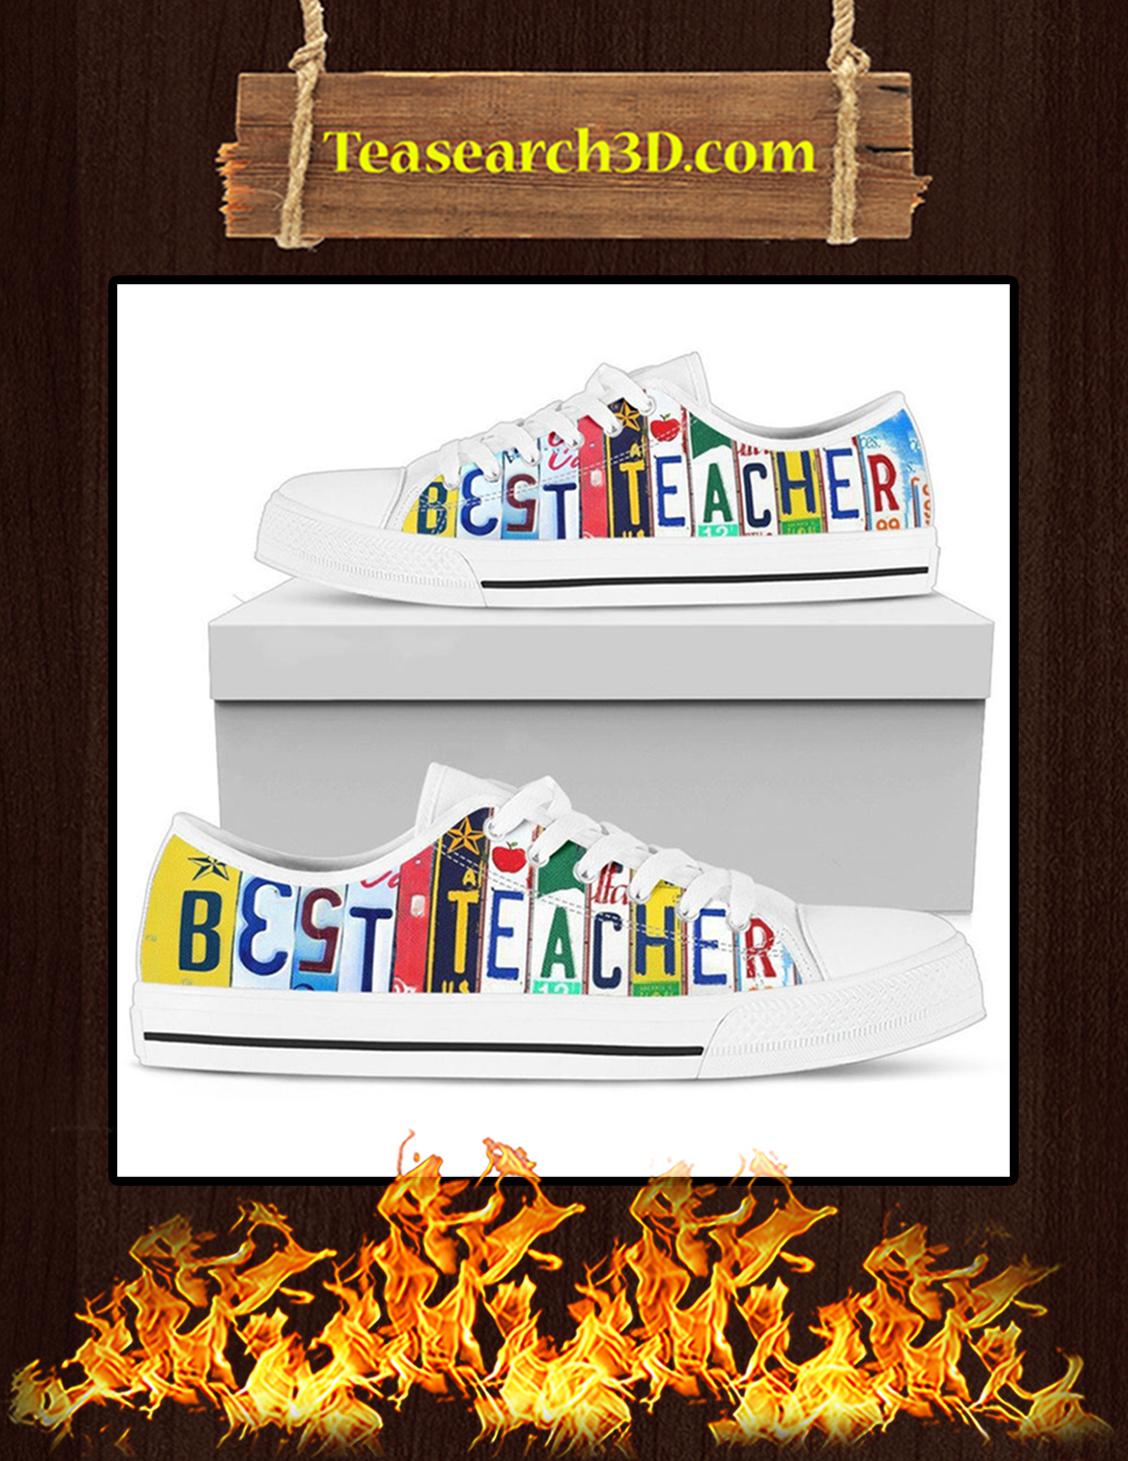 Best Teacher Low Top Shoes Pic 3